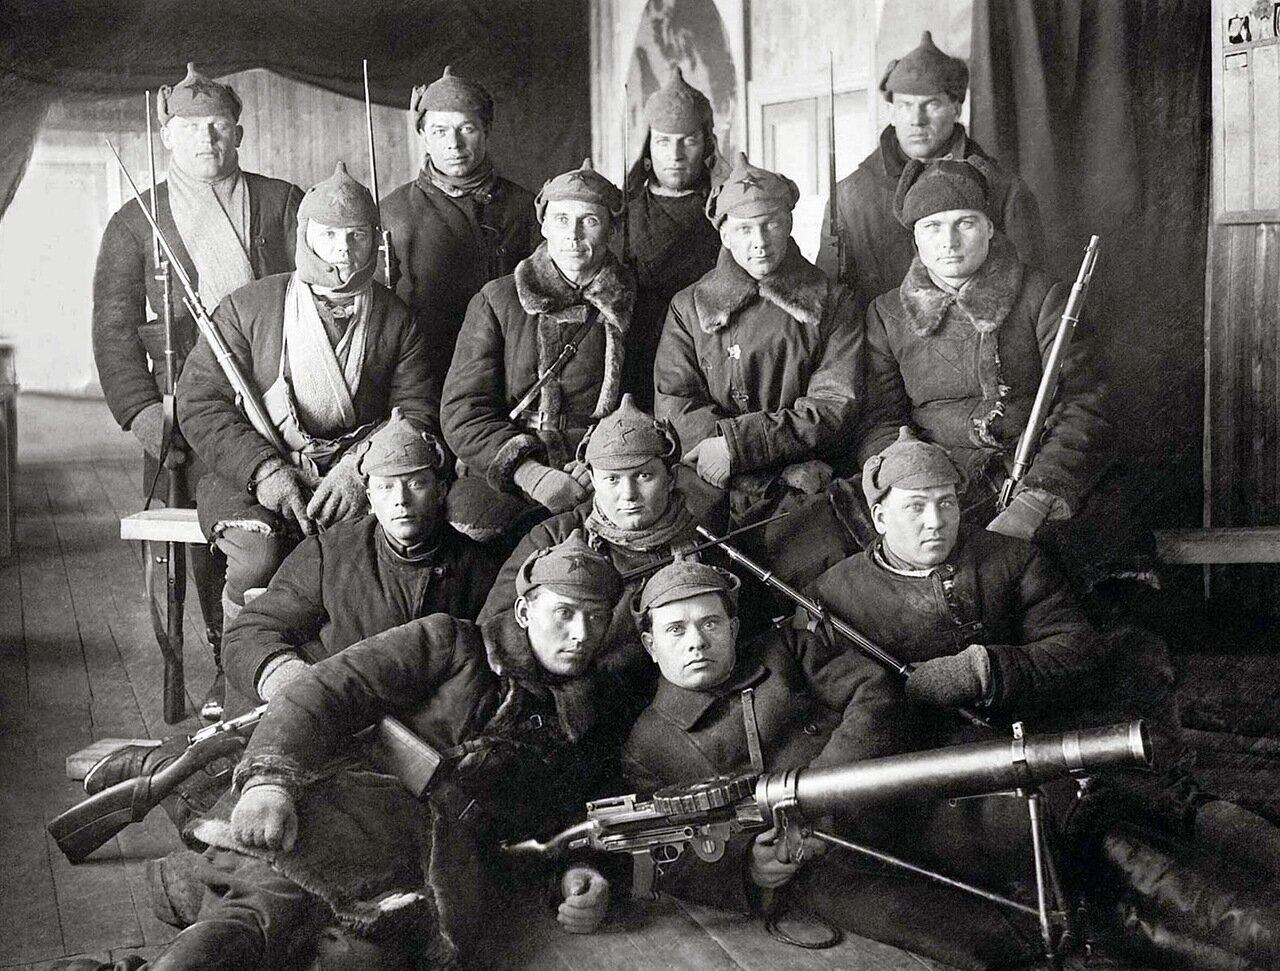 Группа стрелков охраны Вайгачской экспедиции ОГПУ с полным вооружением. Ненецкий округ, 1934 г.